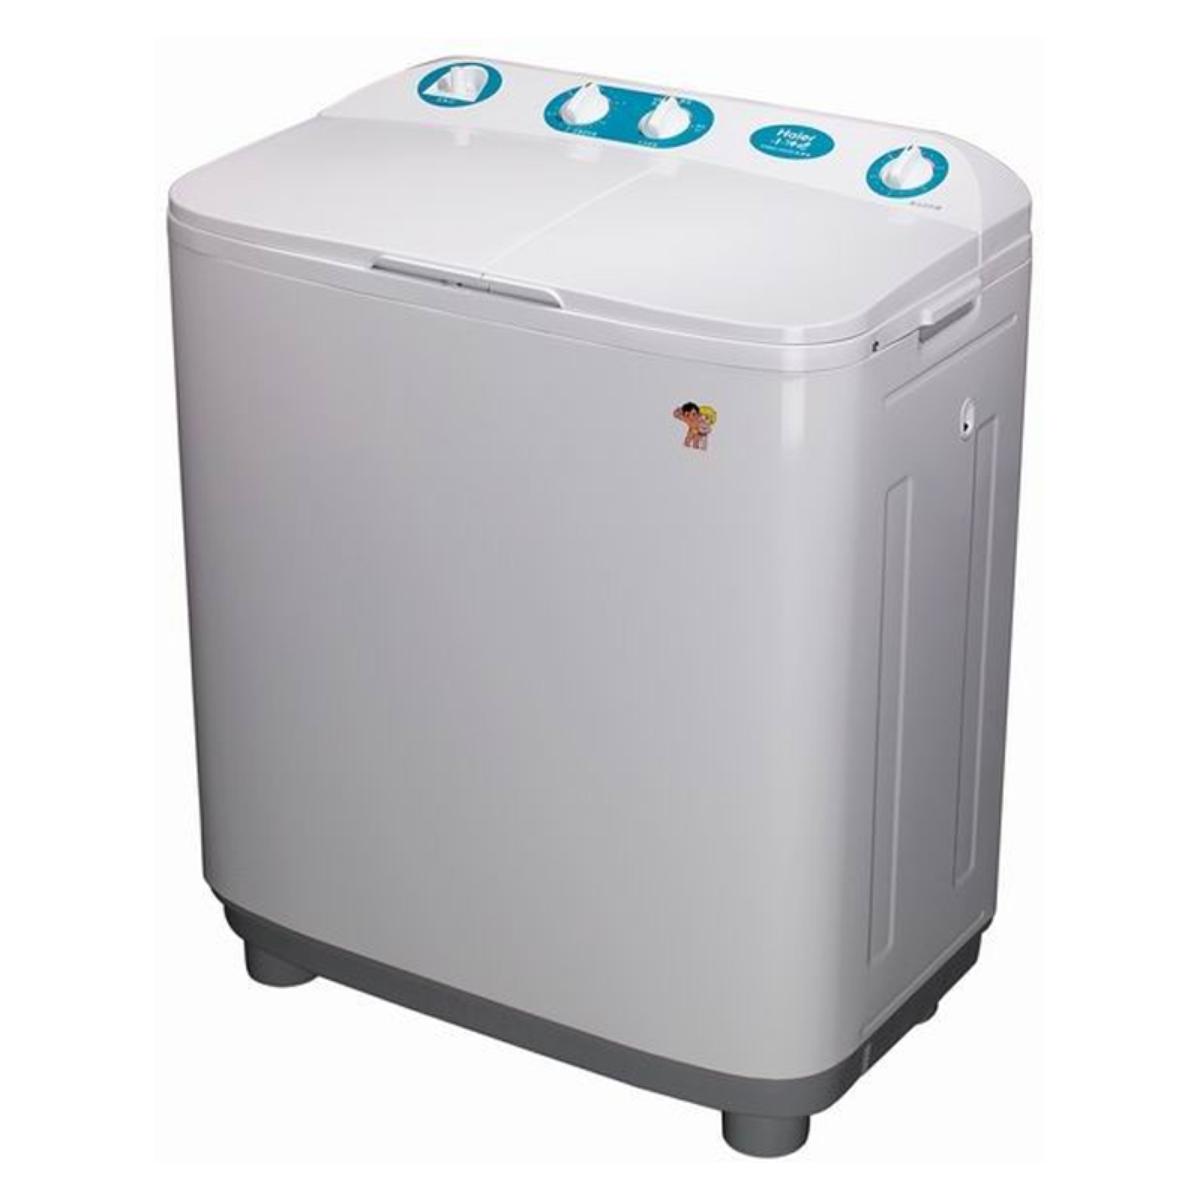 海尔波轮洗衣机 xpb70-0523s